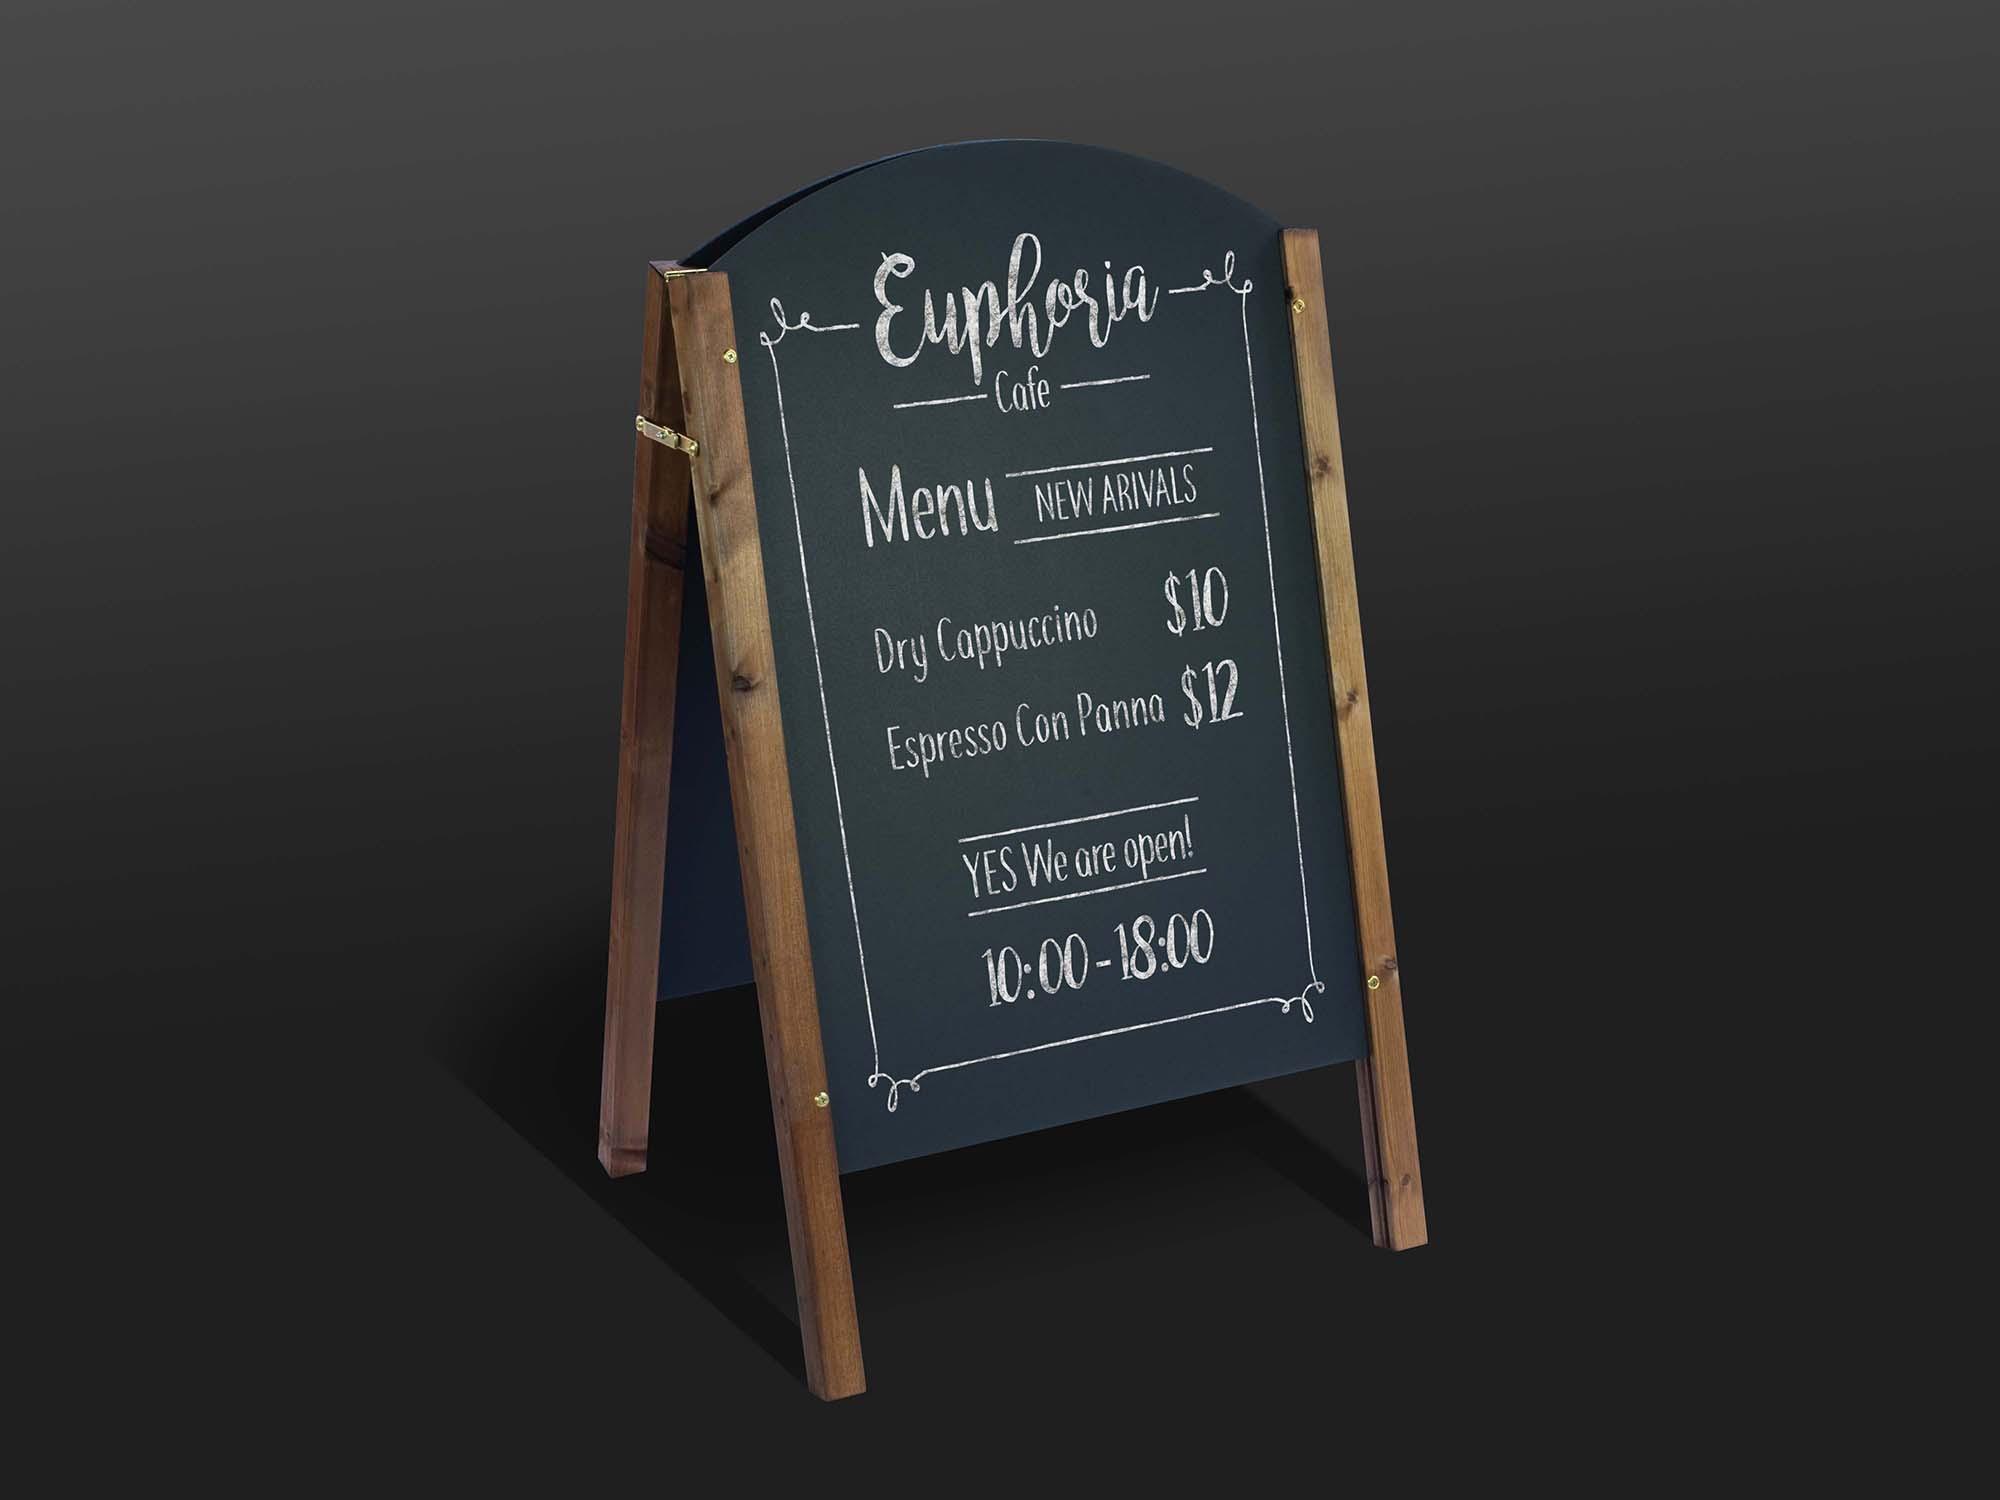 A-Frame Chalkboard Restaurant Menu Mockup